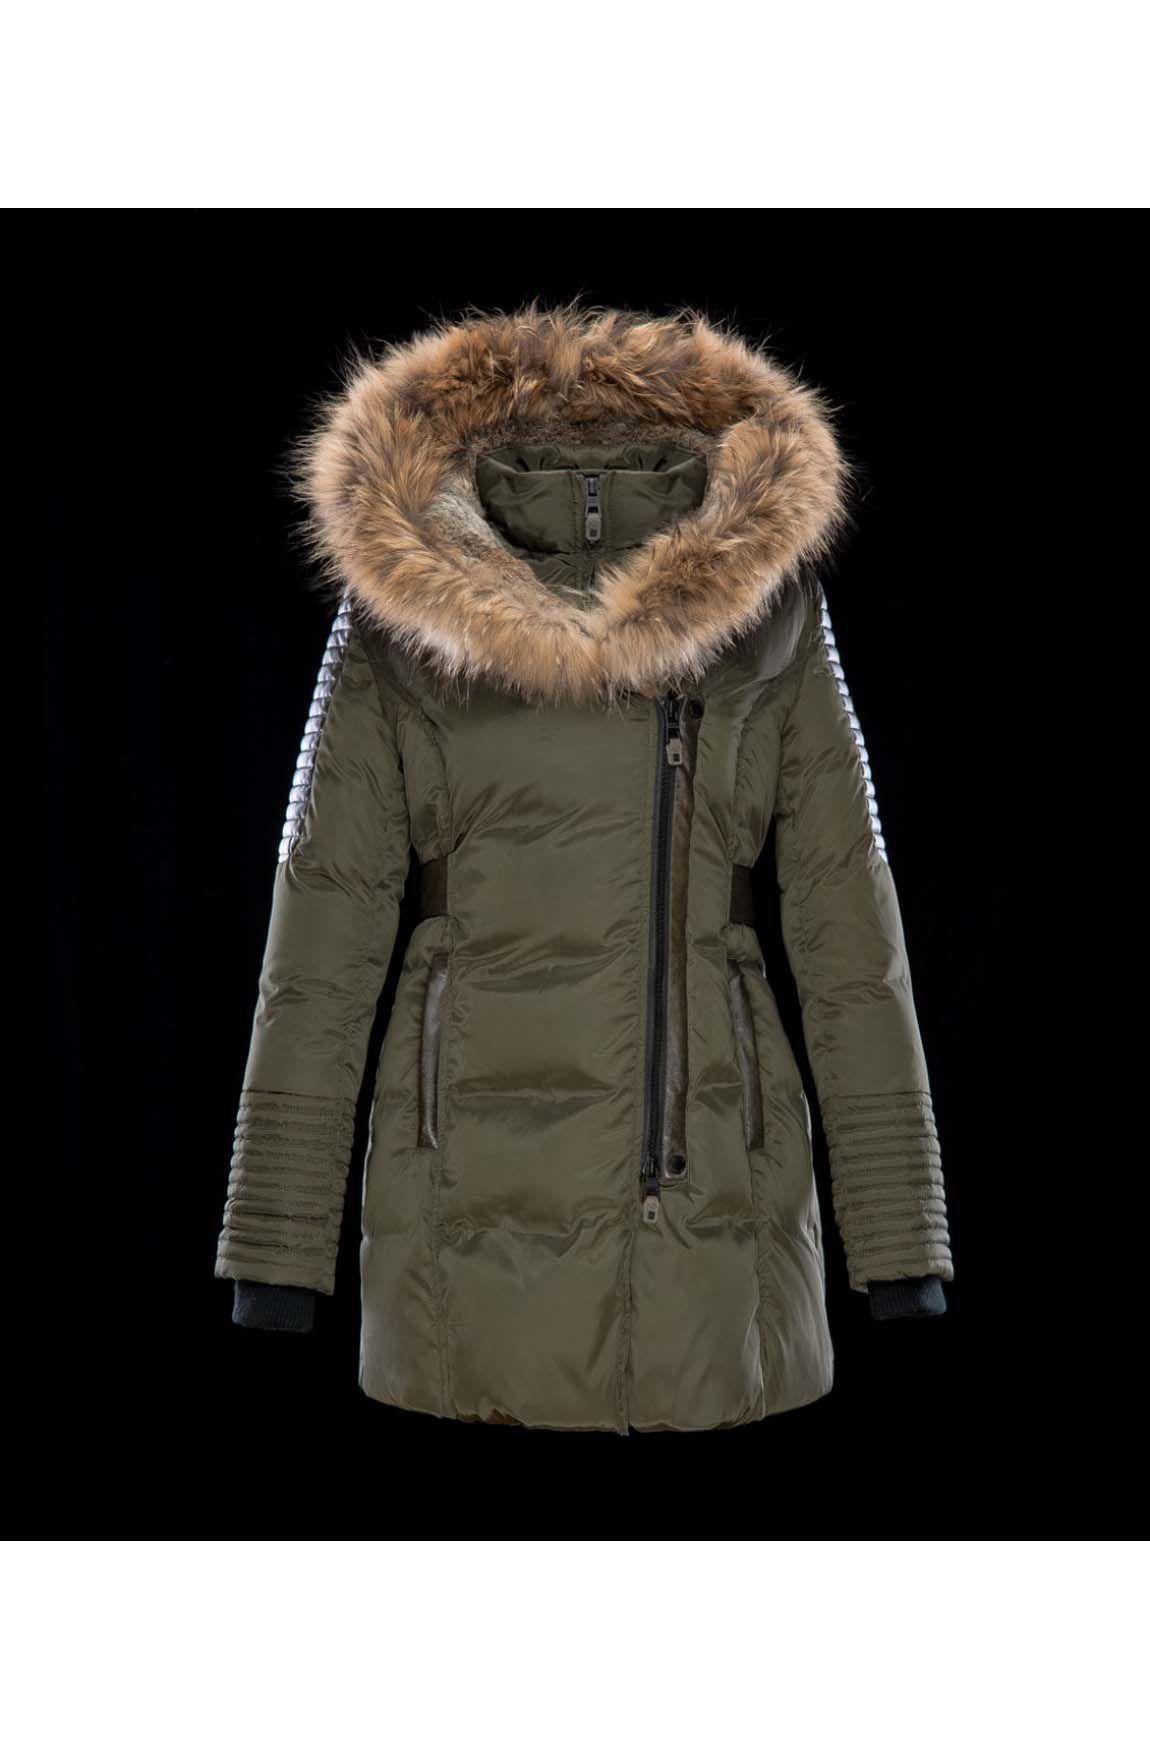 Nicole Benisti Down Fill Jacket Jk6017 In Ginger Trendy Outerwear Coat Jackets [ 1750 x 1150 Pixel ]